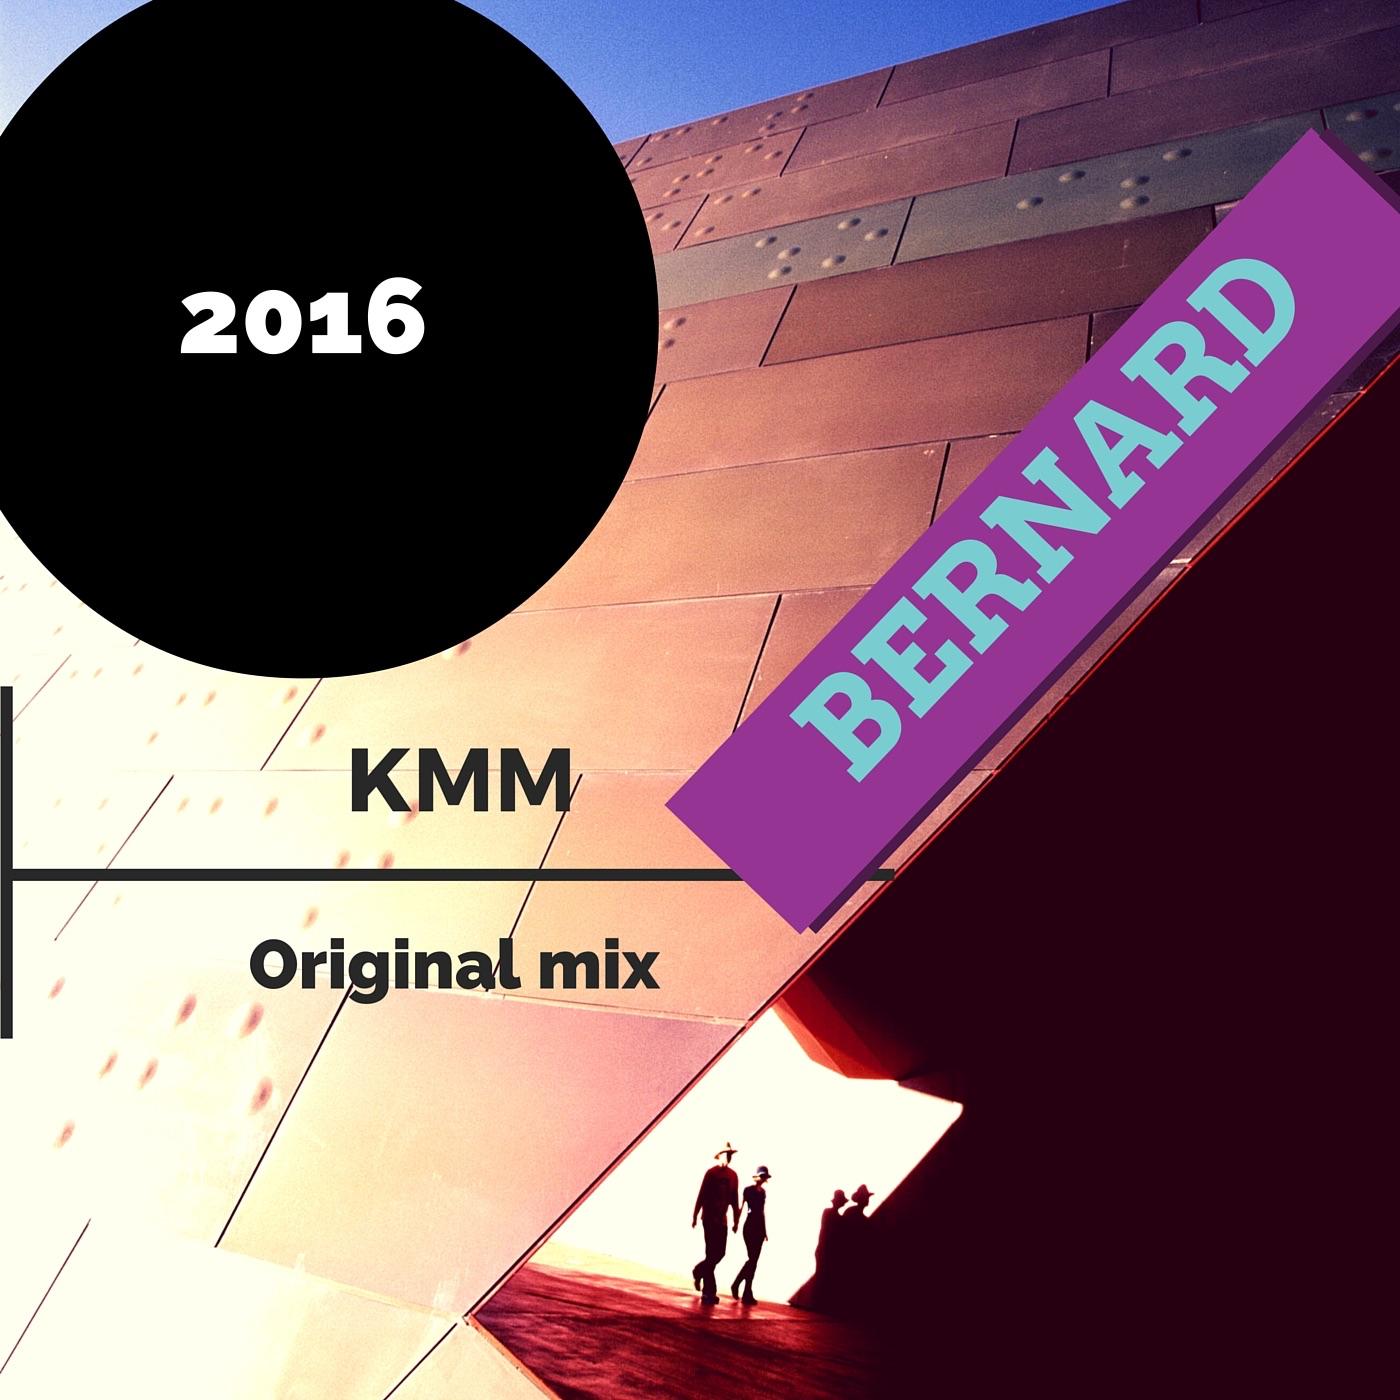 Kmm - Single